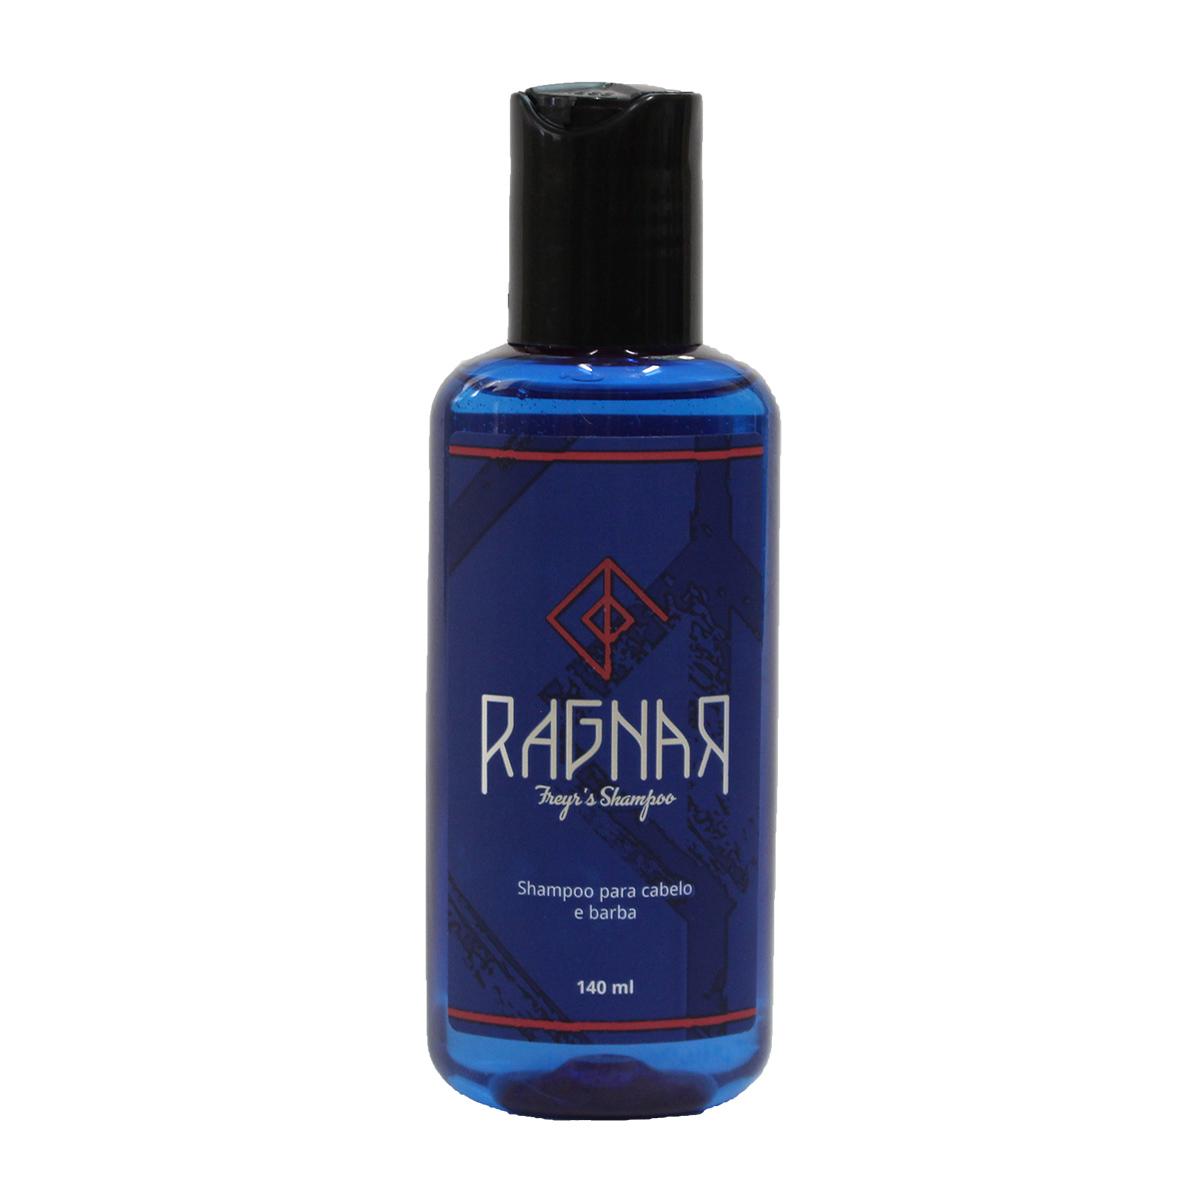 Shampoo para Cabelo e Barba 140 ml (Freyr's Shampoo)